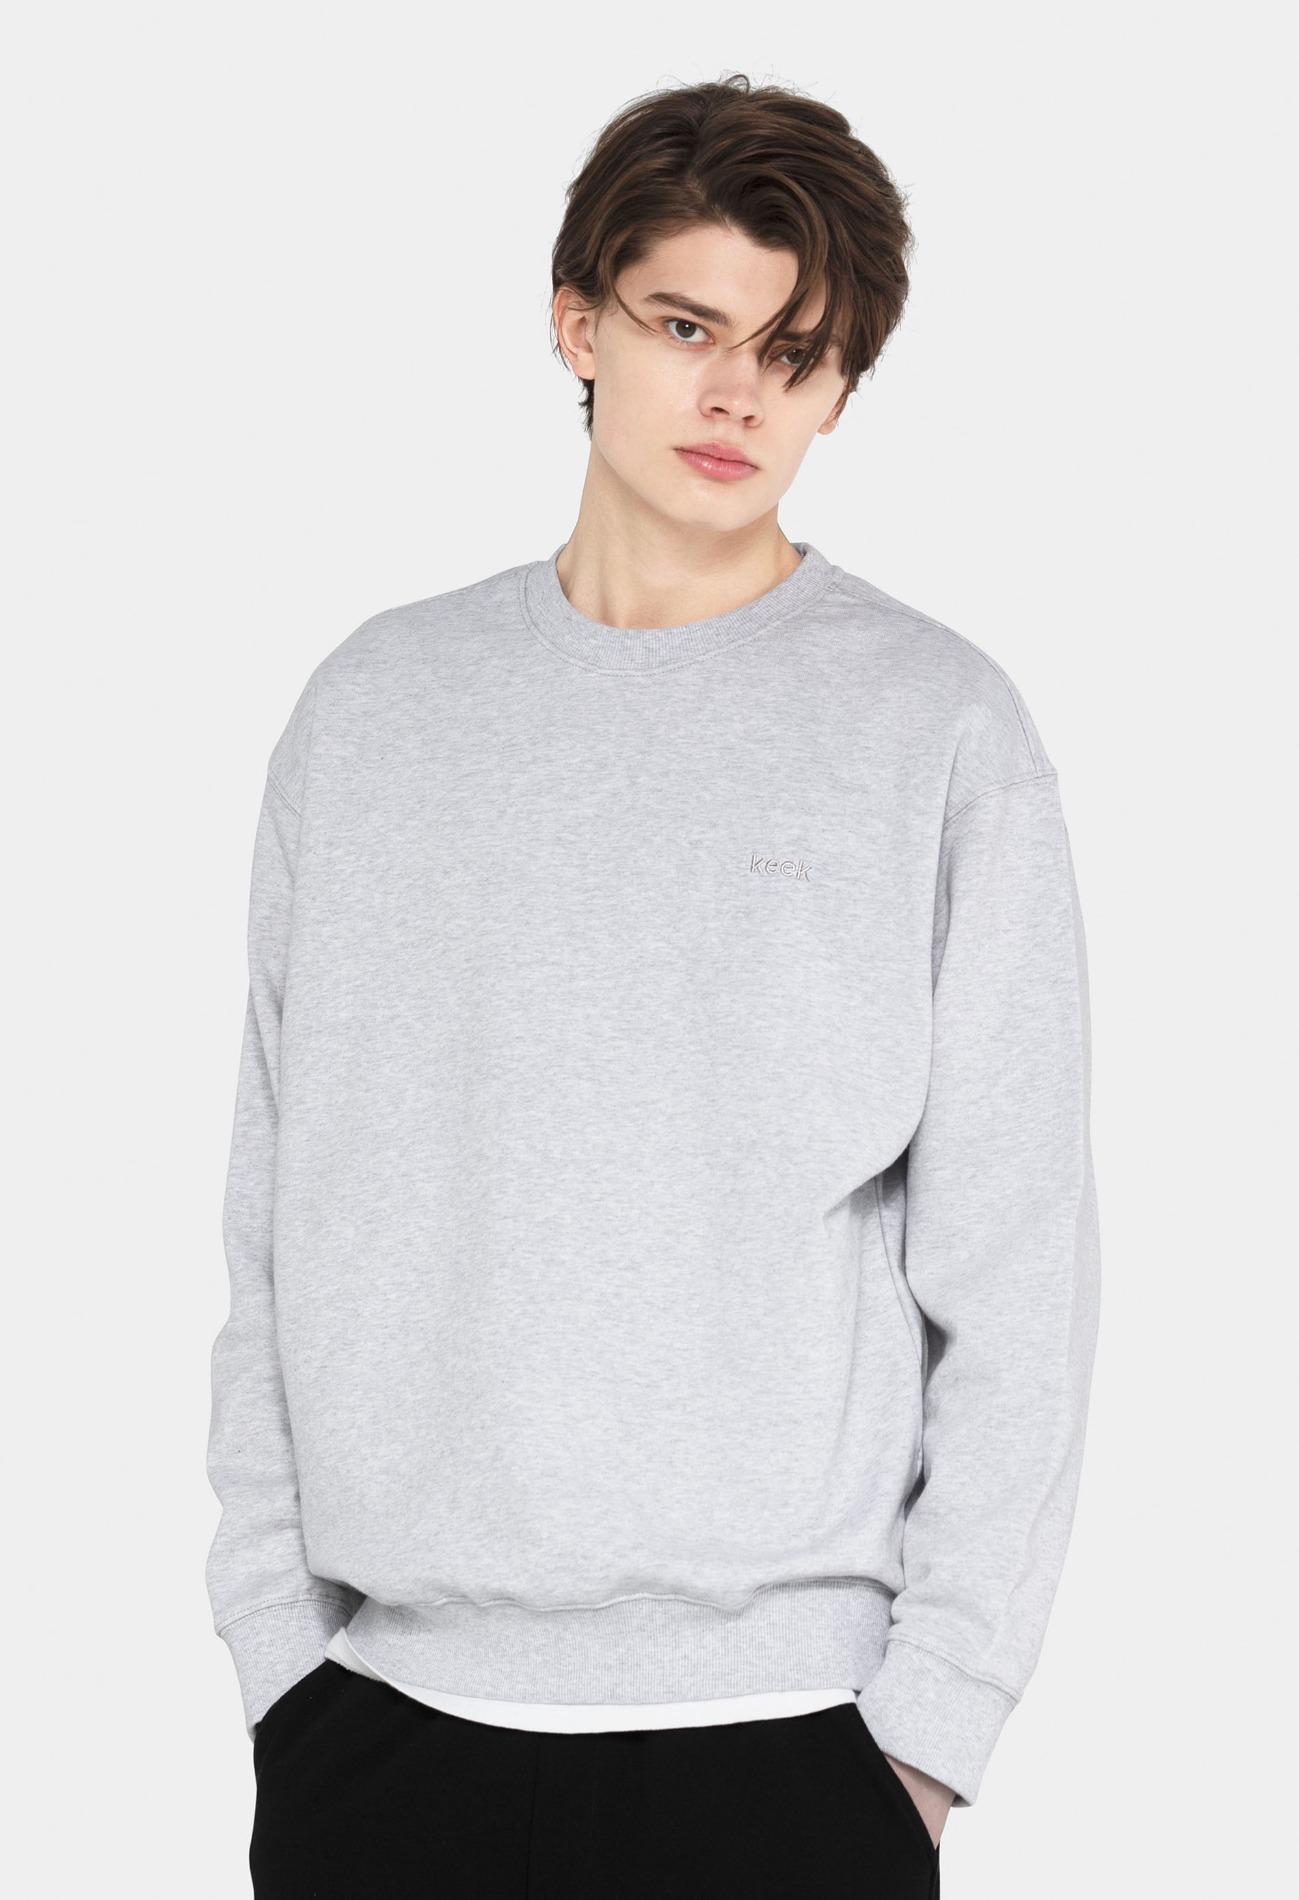 keek [Unisex] keek Sweatshirts - Melange Gray 스트릿패션 유니섹스브랜드 커플시밀러룩 남자쇼핑몰 여성의류쇼핑몰 후드티 힙색